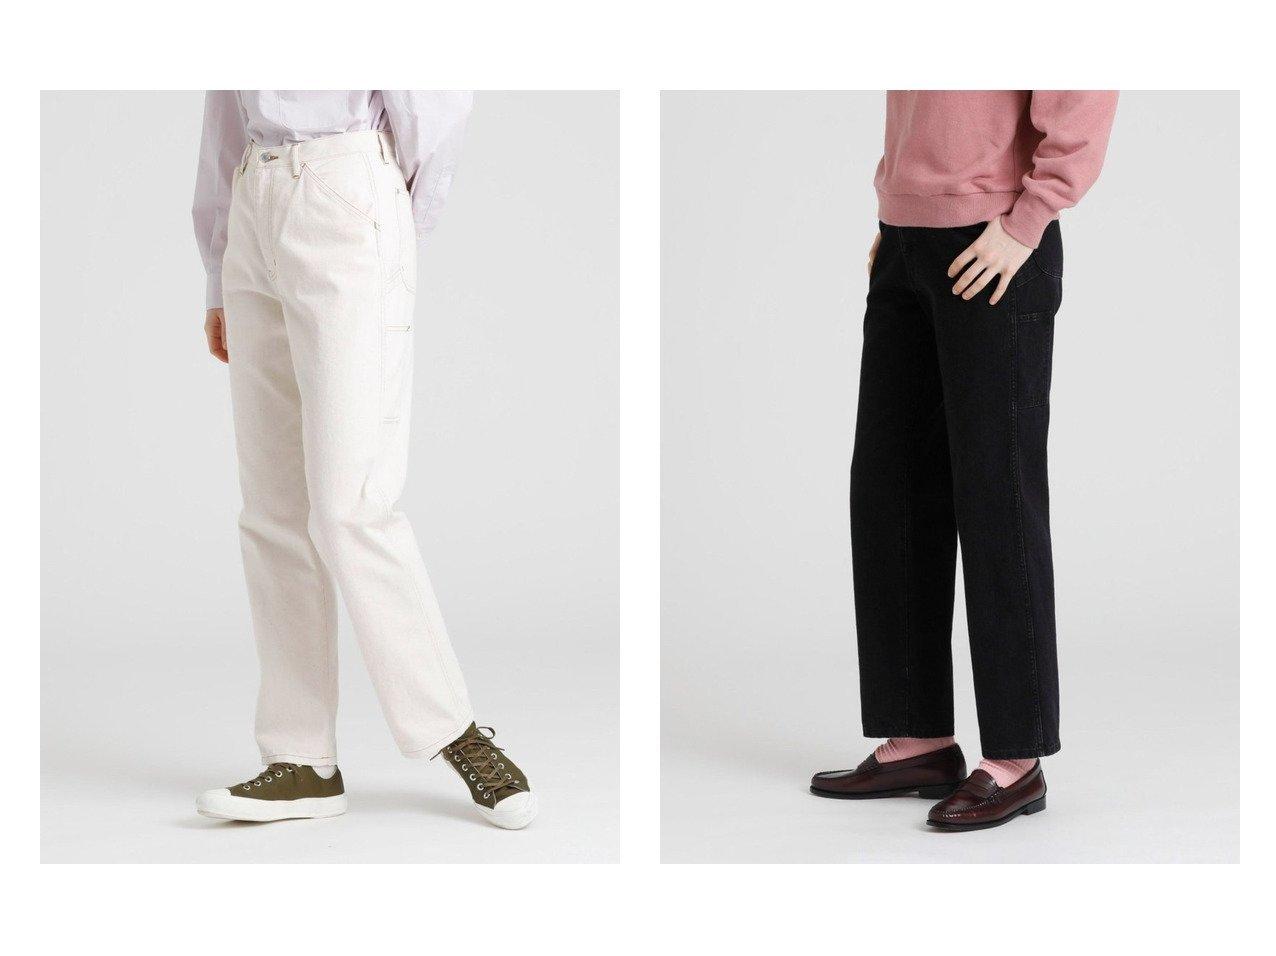 【MACKINTOSH PHILOSOPHY/マッキントッシュ フィロソフィー】のGREY LABEL ペインターデニムパンツ 【パンツ】おすすめ!人気、トレンド・レディースファッションの通販   おすすめで人気の流行・トレンド、ファッションの通販商品 インテリア・家具・メンズファッション・キッズファッション・レディースファッション・服の通販 founy(ファニー) https://founy.com/ ファッション Fashion レディースファッション WOMEN パンツ Pants デニムパンツ Denim Pants エレガント シンプル ジーンズ デニム ポケット ヴィンテージ |ID:crp329100000065896